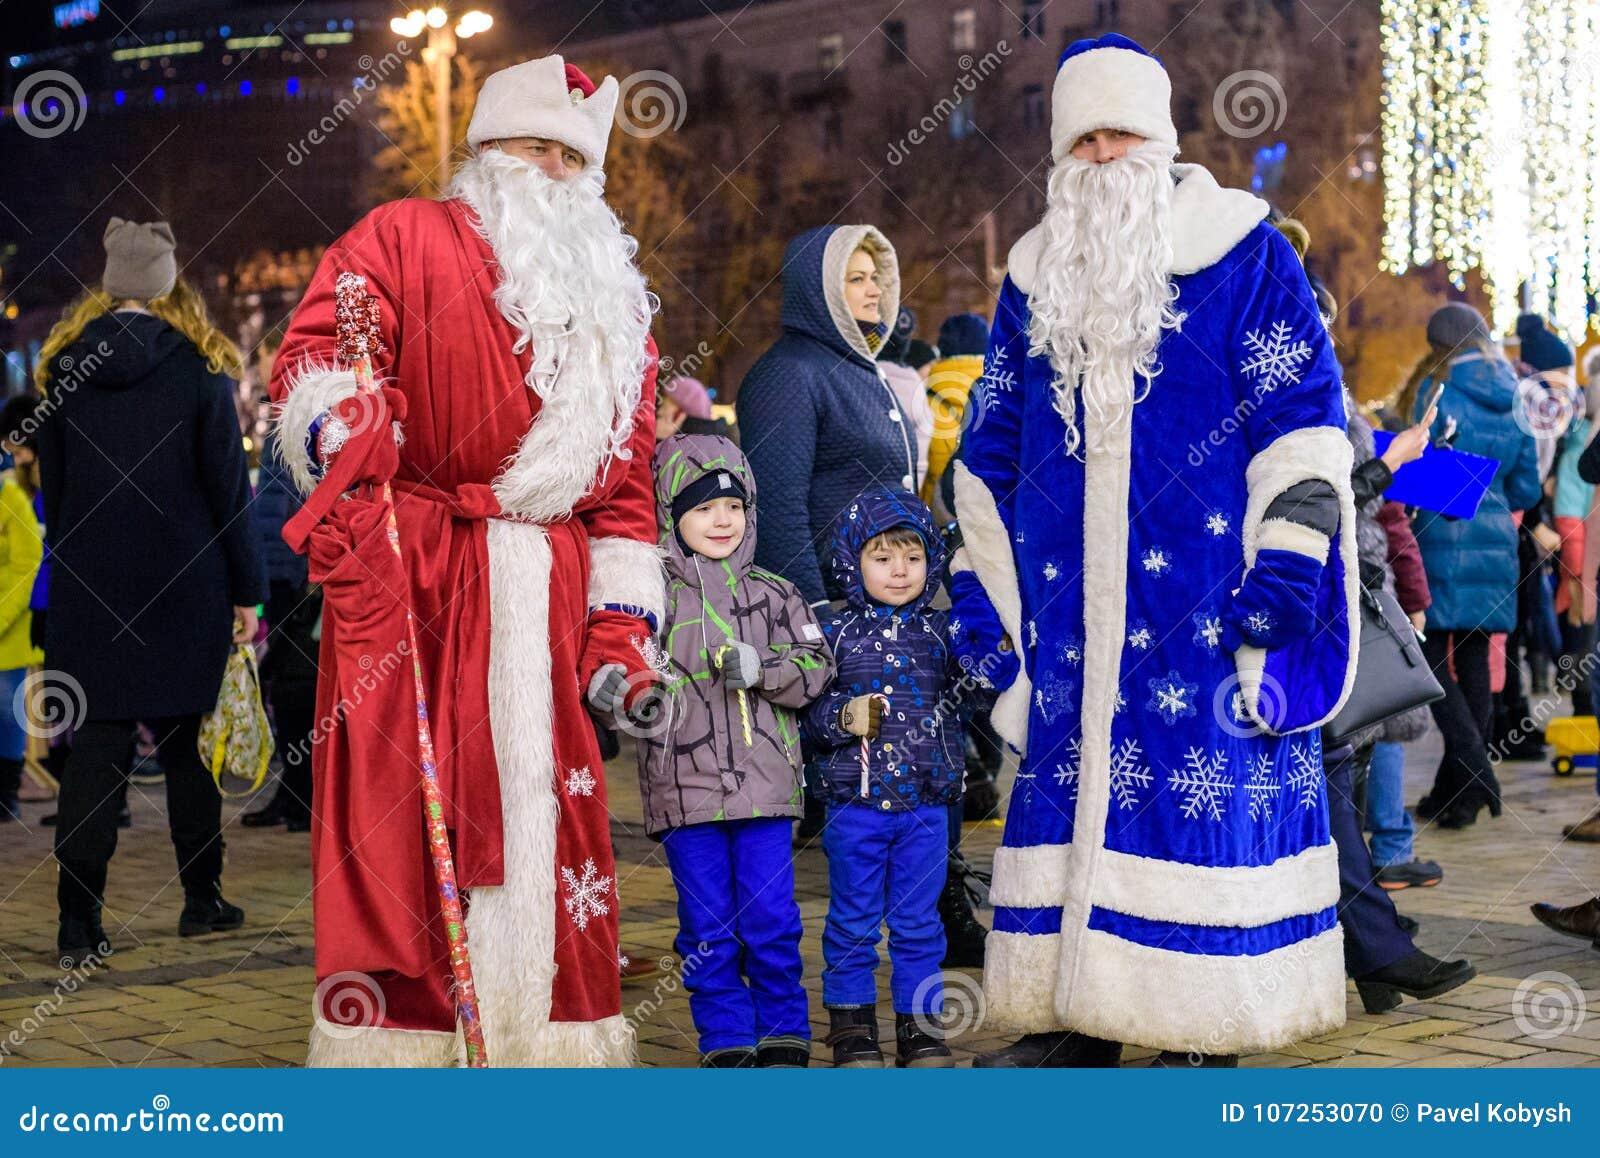 KIEV Ukraina - DECEMBER 11, 2017: Jul marknadsför att äga rum varje år på December i gammal stadfyrkant